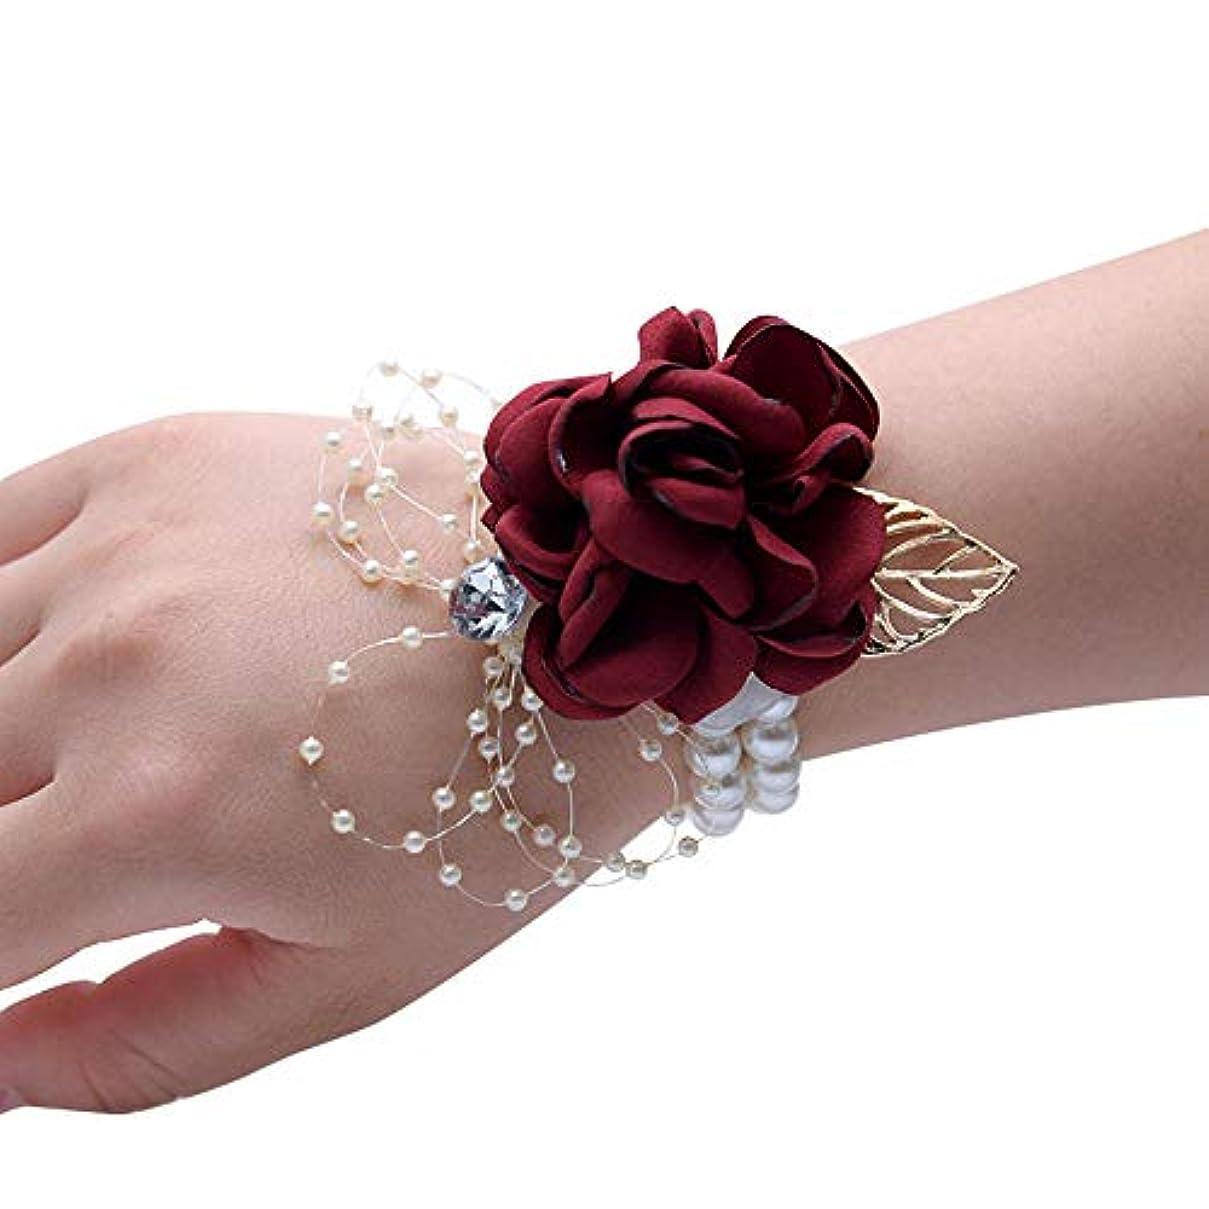 ガロン高齢者恐怖症Merssavo 手首の花 - 女の子チャーム手首コサージュブレスレット花嫁介添人姉妹の手の花のどの真珠の結婚式、ワインレッド